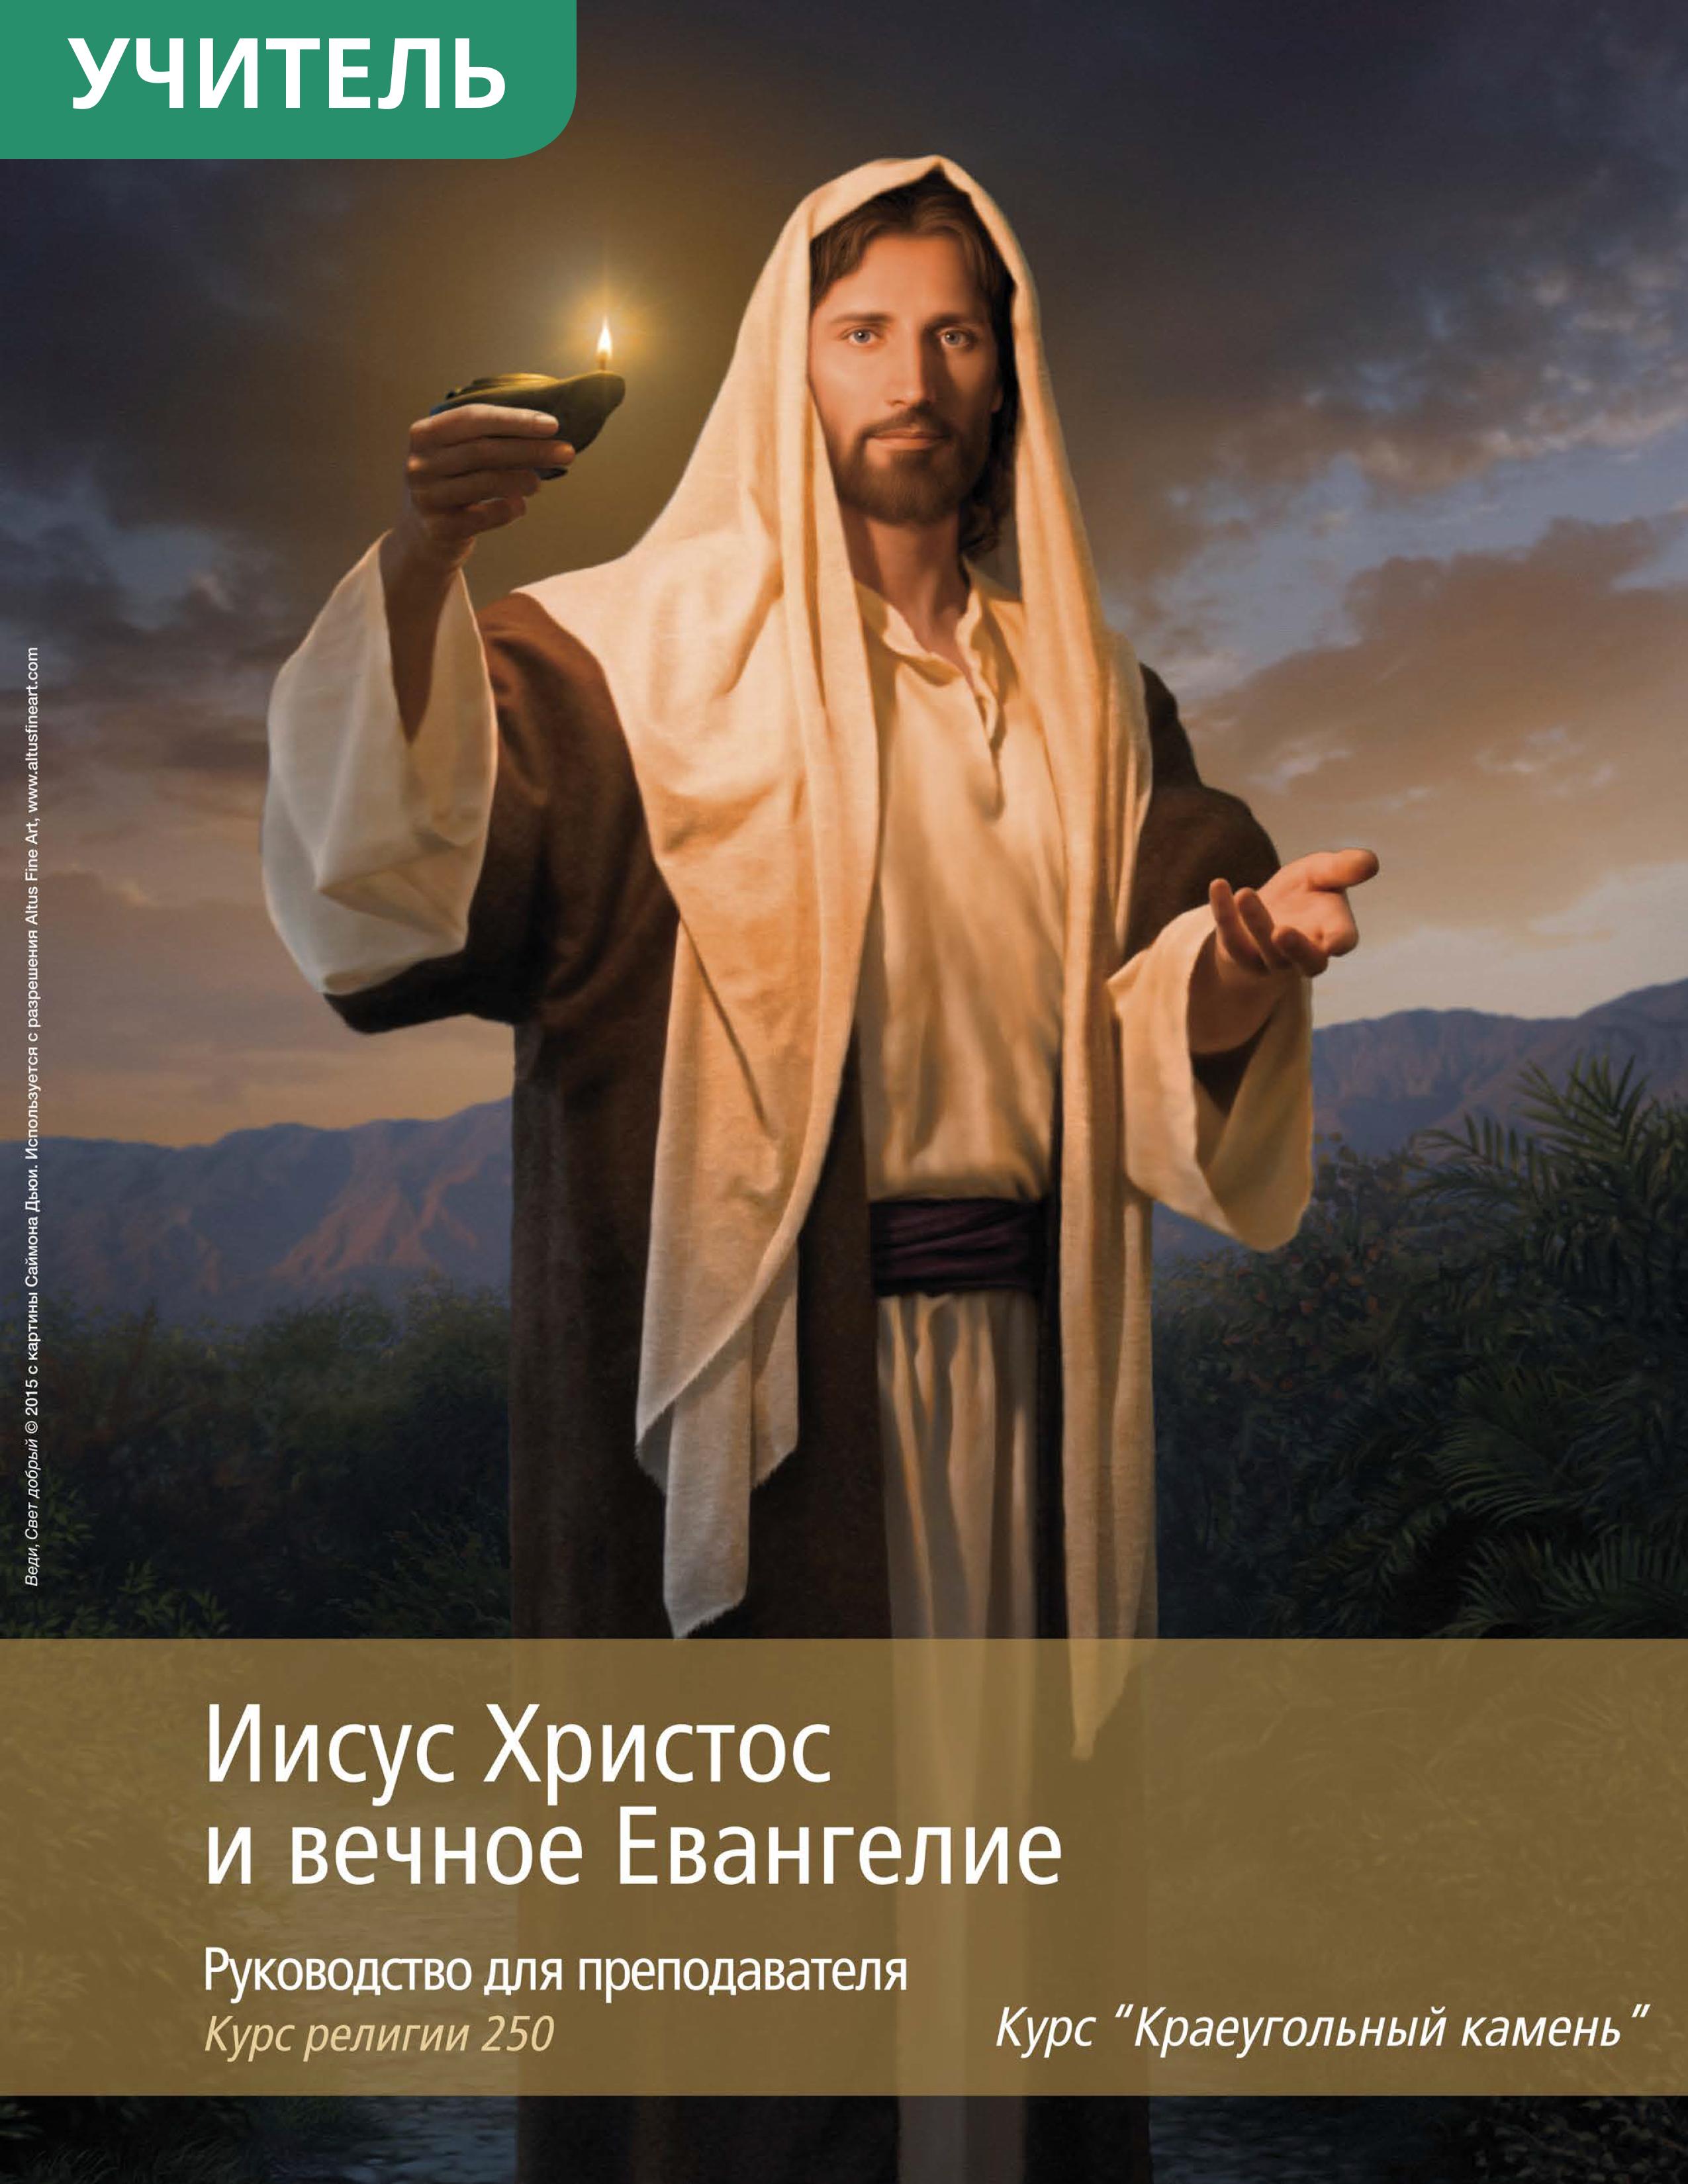 Иисус Христос и вечное Евангелие. Руководство для преподавателя